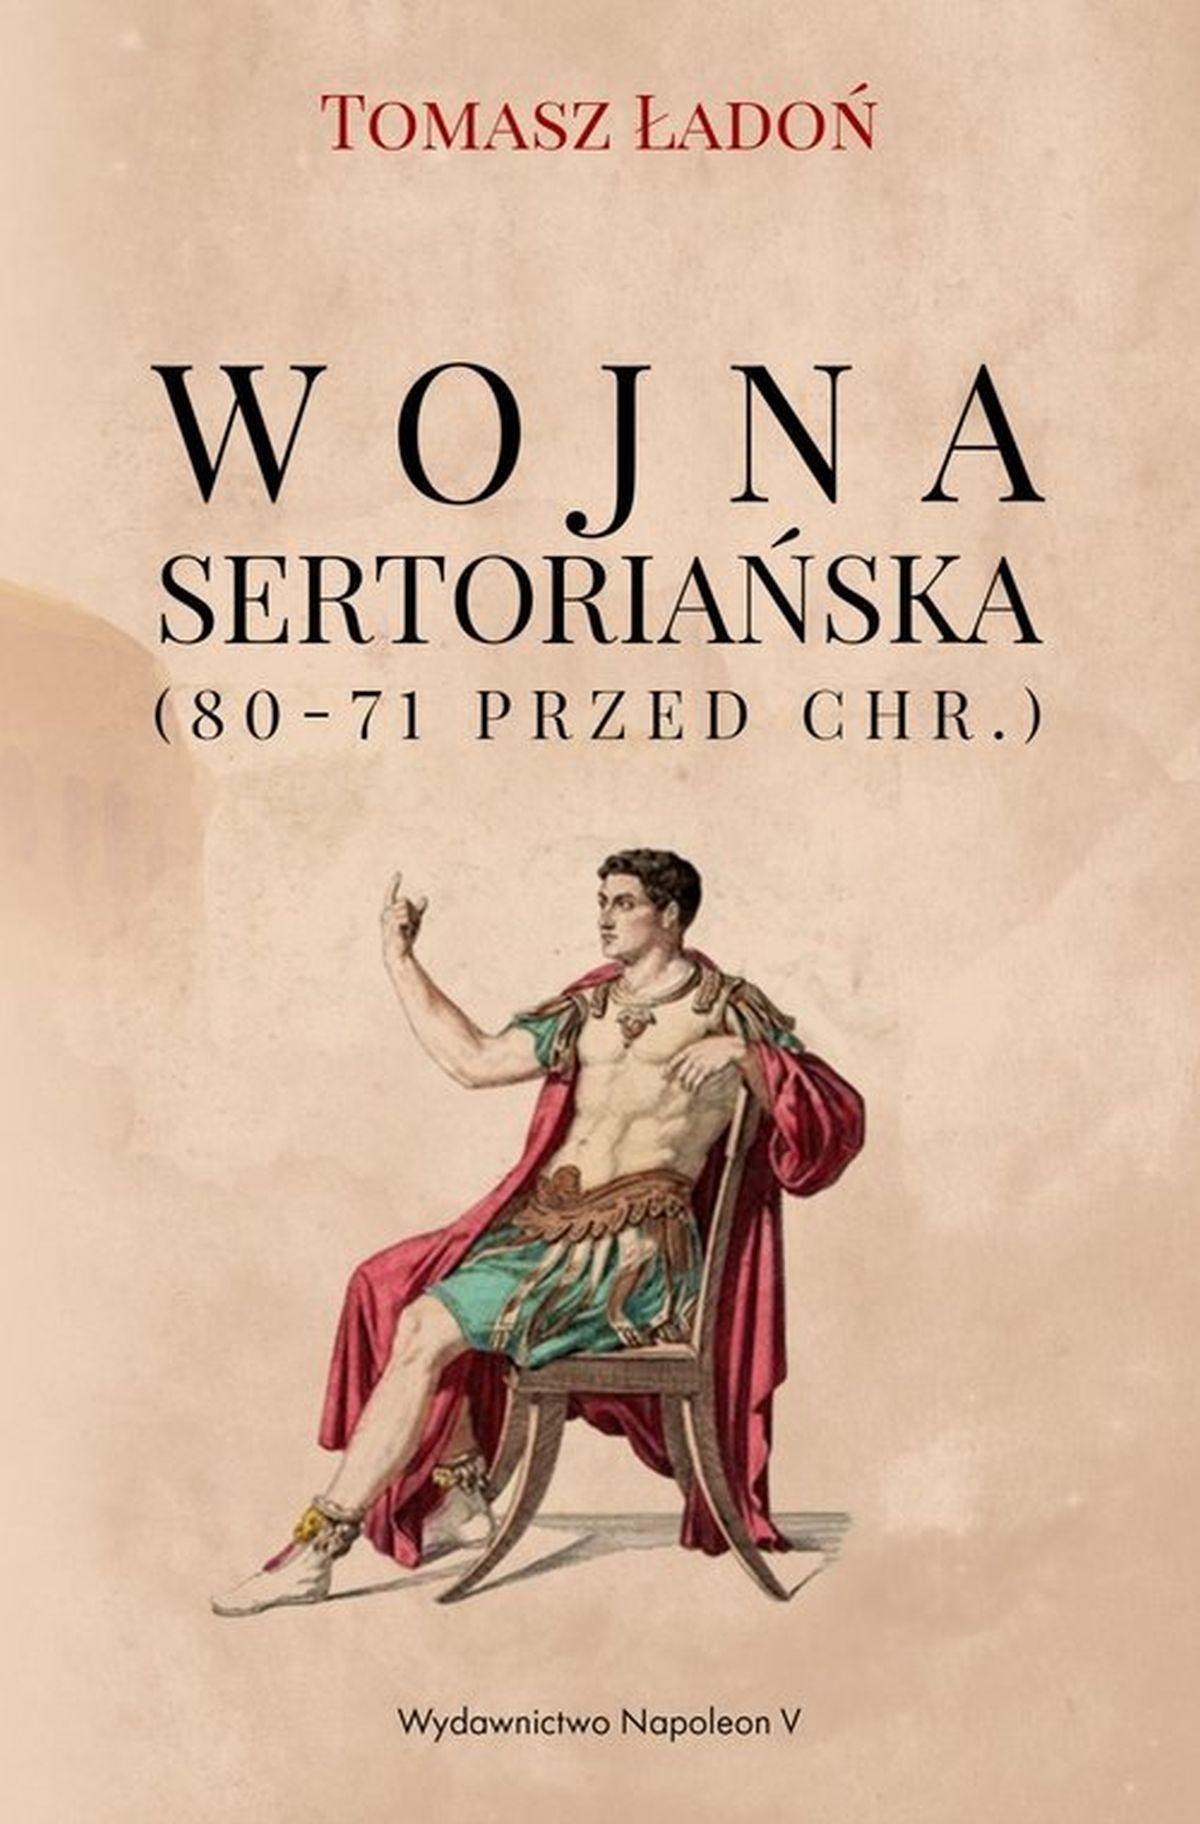 Wojna sertoriańska (80-71 przed Chr.)